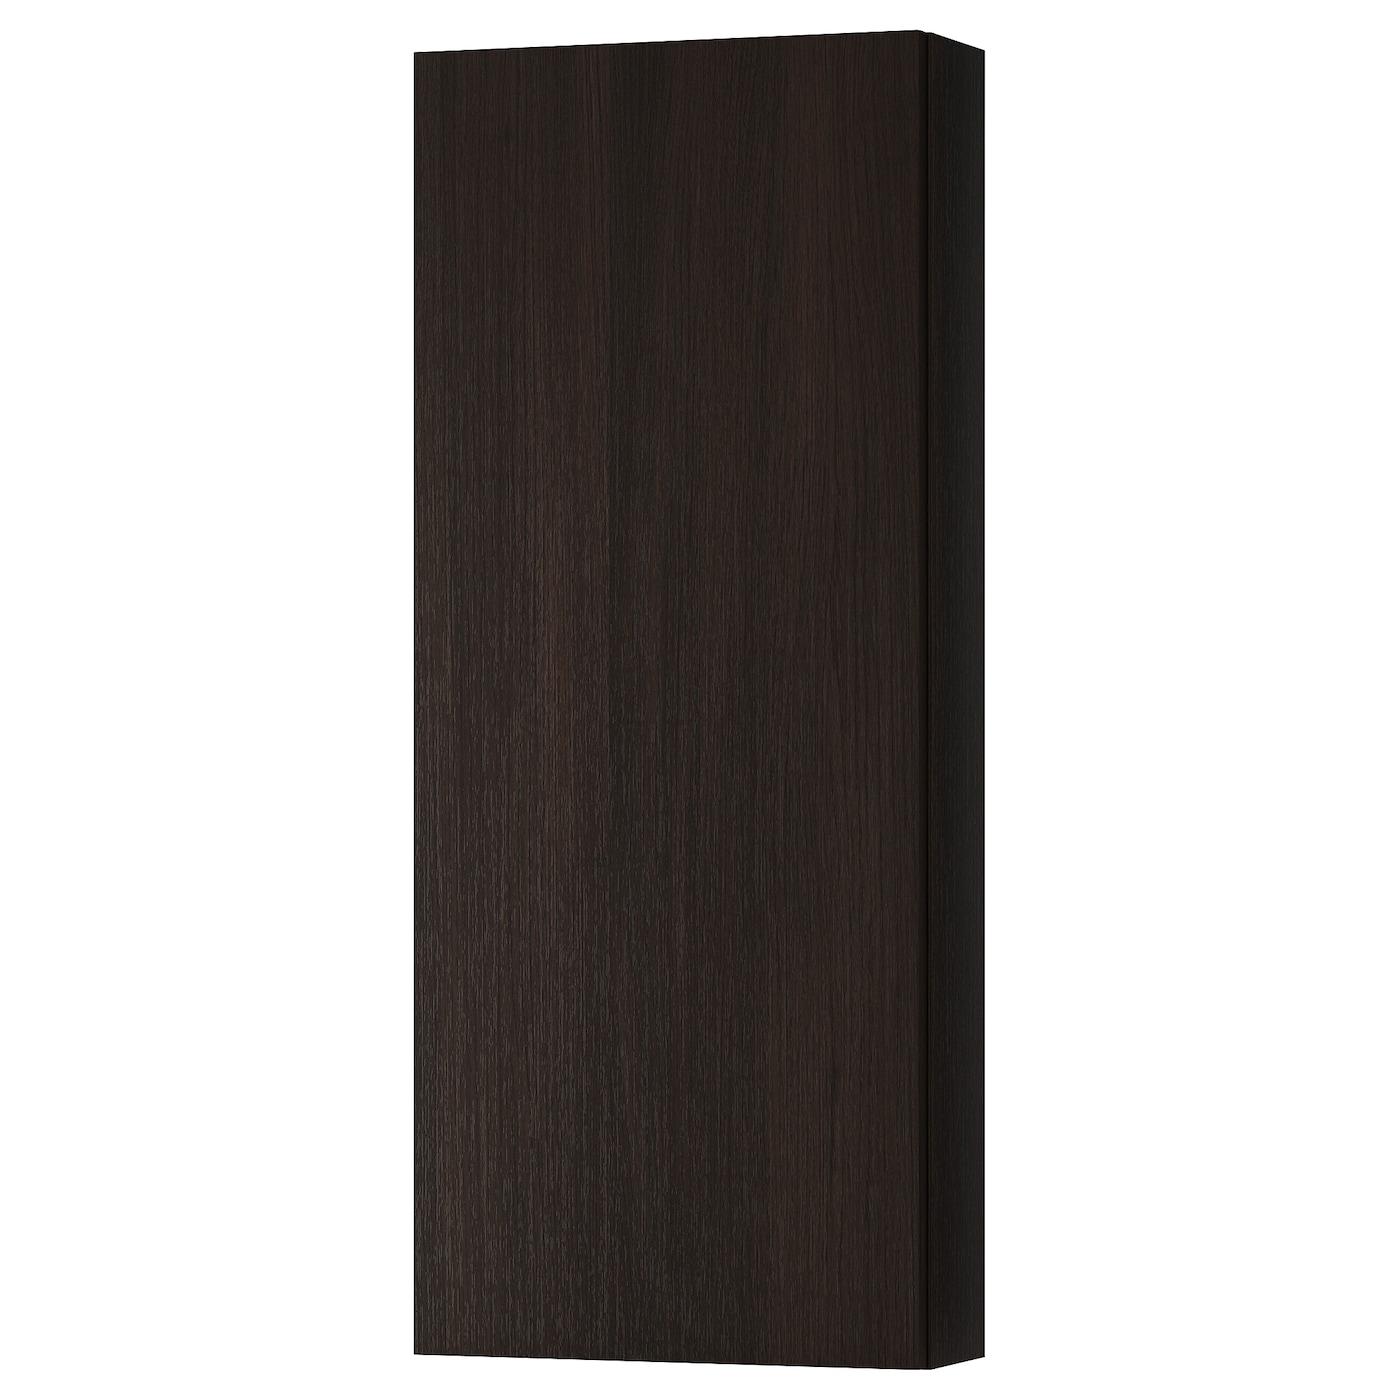 Binario Pensili Cucina Ikea godmorgon pensile con 1 anta - marrone-nero marrone-nero 40x14x96 cm